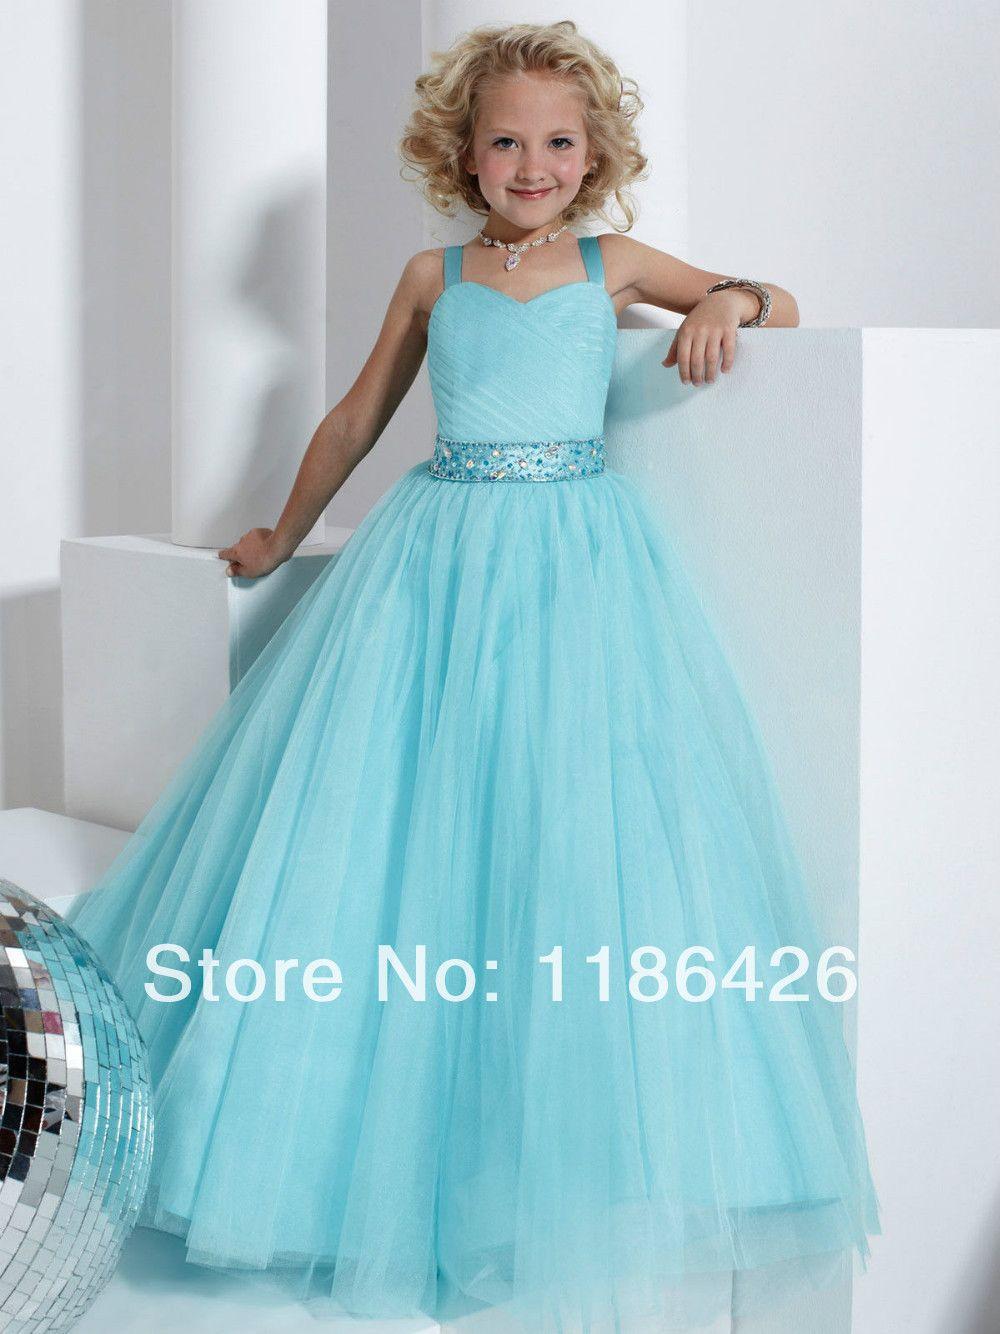 Find More Flower Girl Dresses Information about Marine Blue Flower ...